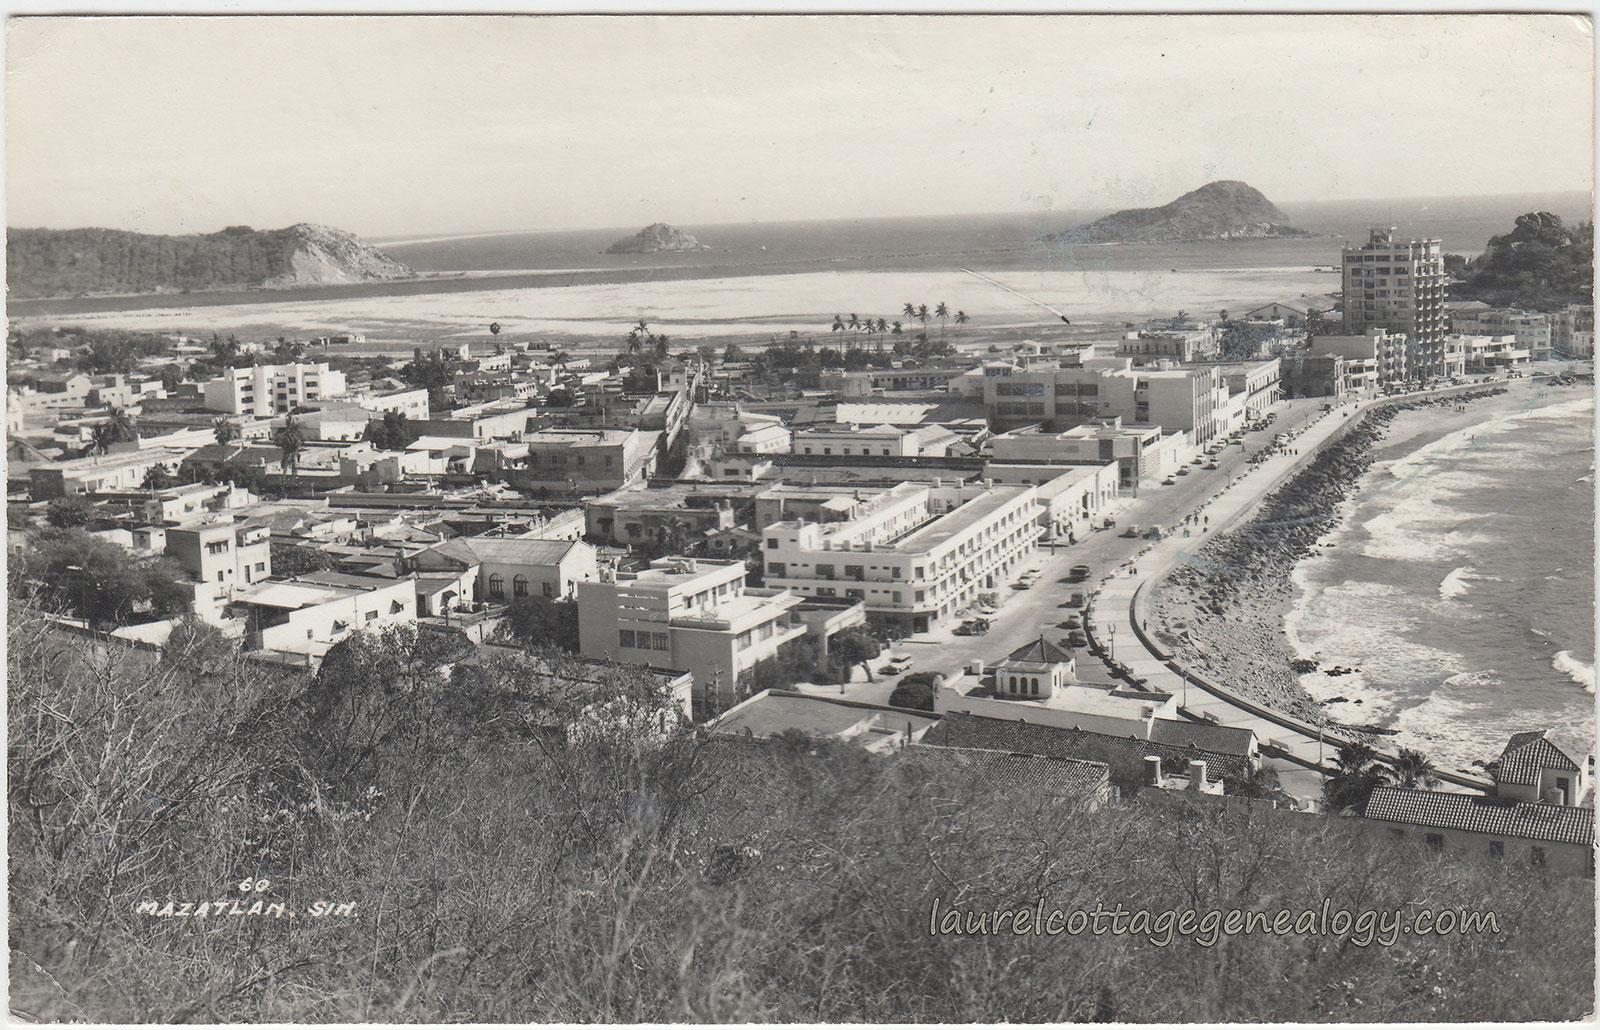 Mazatlan in 1958 (Photo: laurelcottagegenealogy.com)